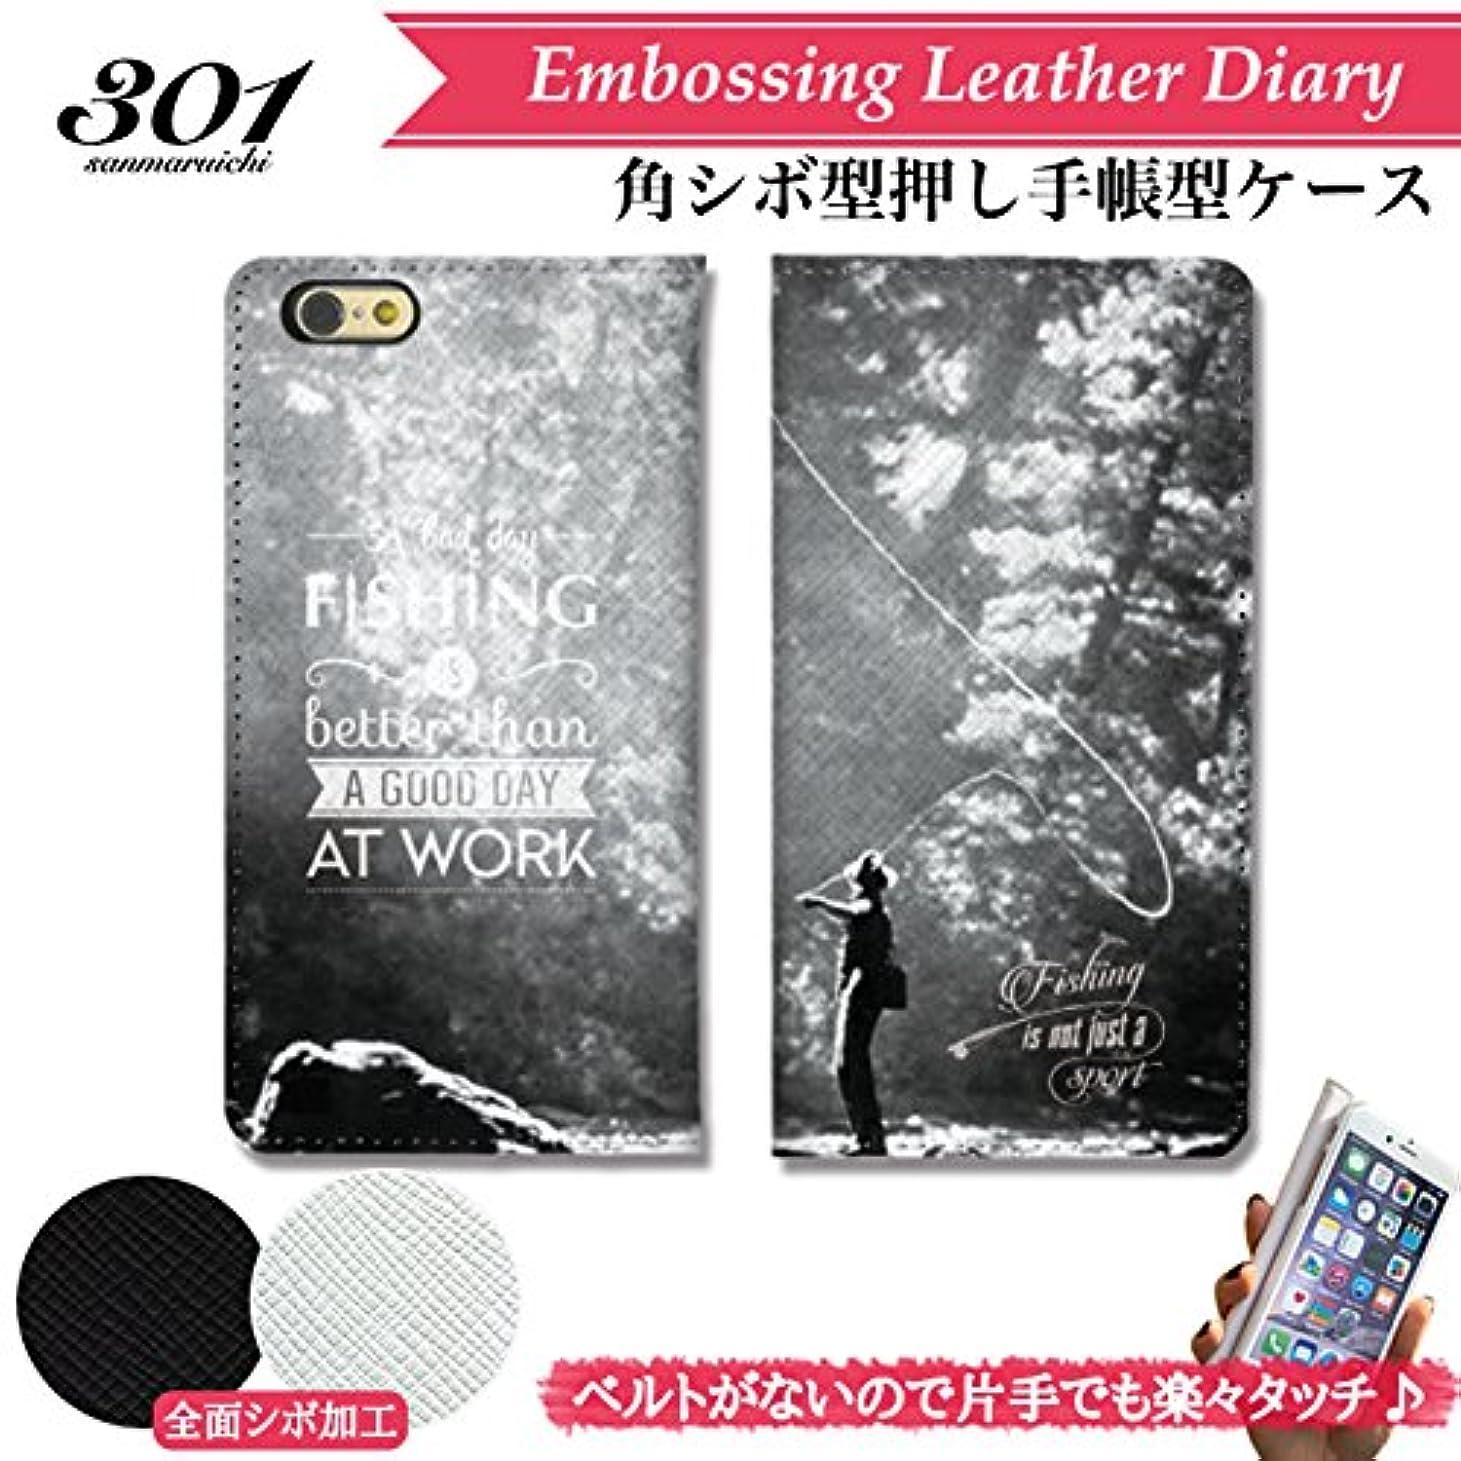 ホイール反対ブラウズ301-sanmaruichi- iPhone8Plus ケース iPhone8Plus ケース 手帳型 おしゃれ 釣り 竿 魚 ルアー 船 ボート 海 川 フォト かっこいい B シボ加工 高級PUレザー 手帳ケース ベルトなし